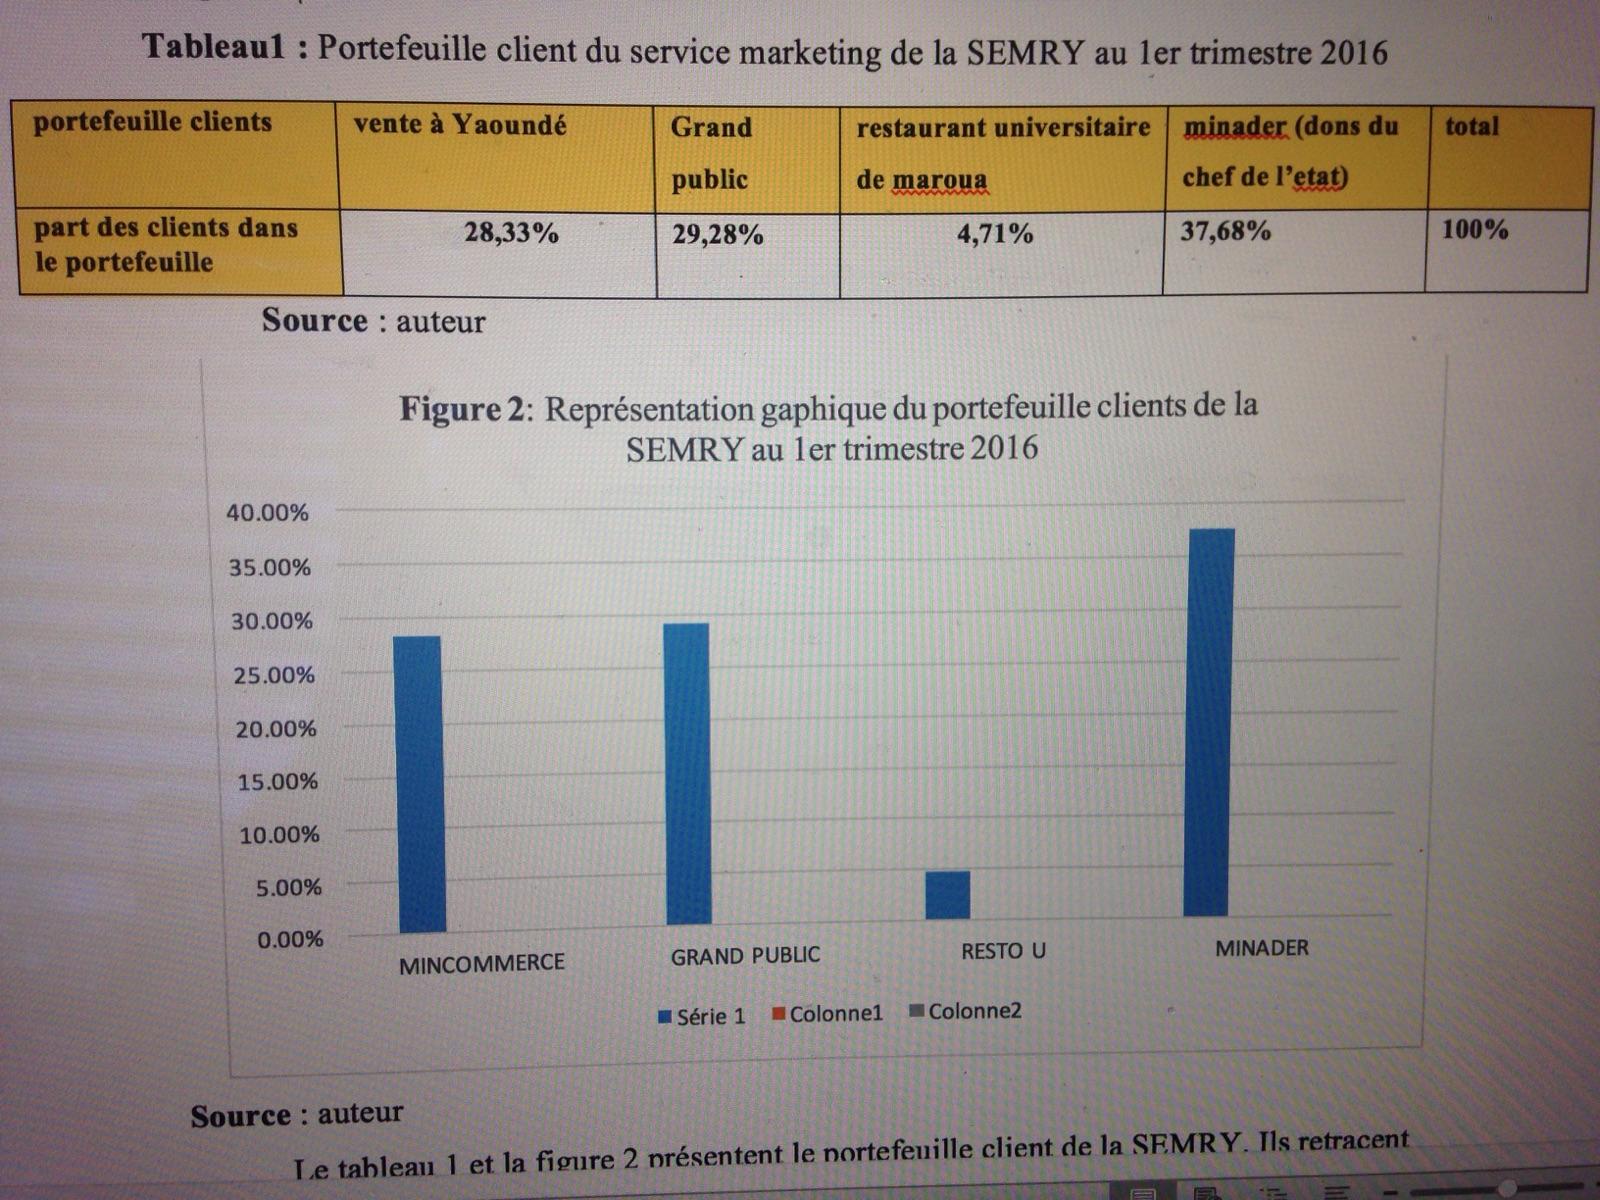 Tableau1 :  Portefeuille client du service marketing de la SEMRY au 1er trimestre 2016